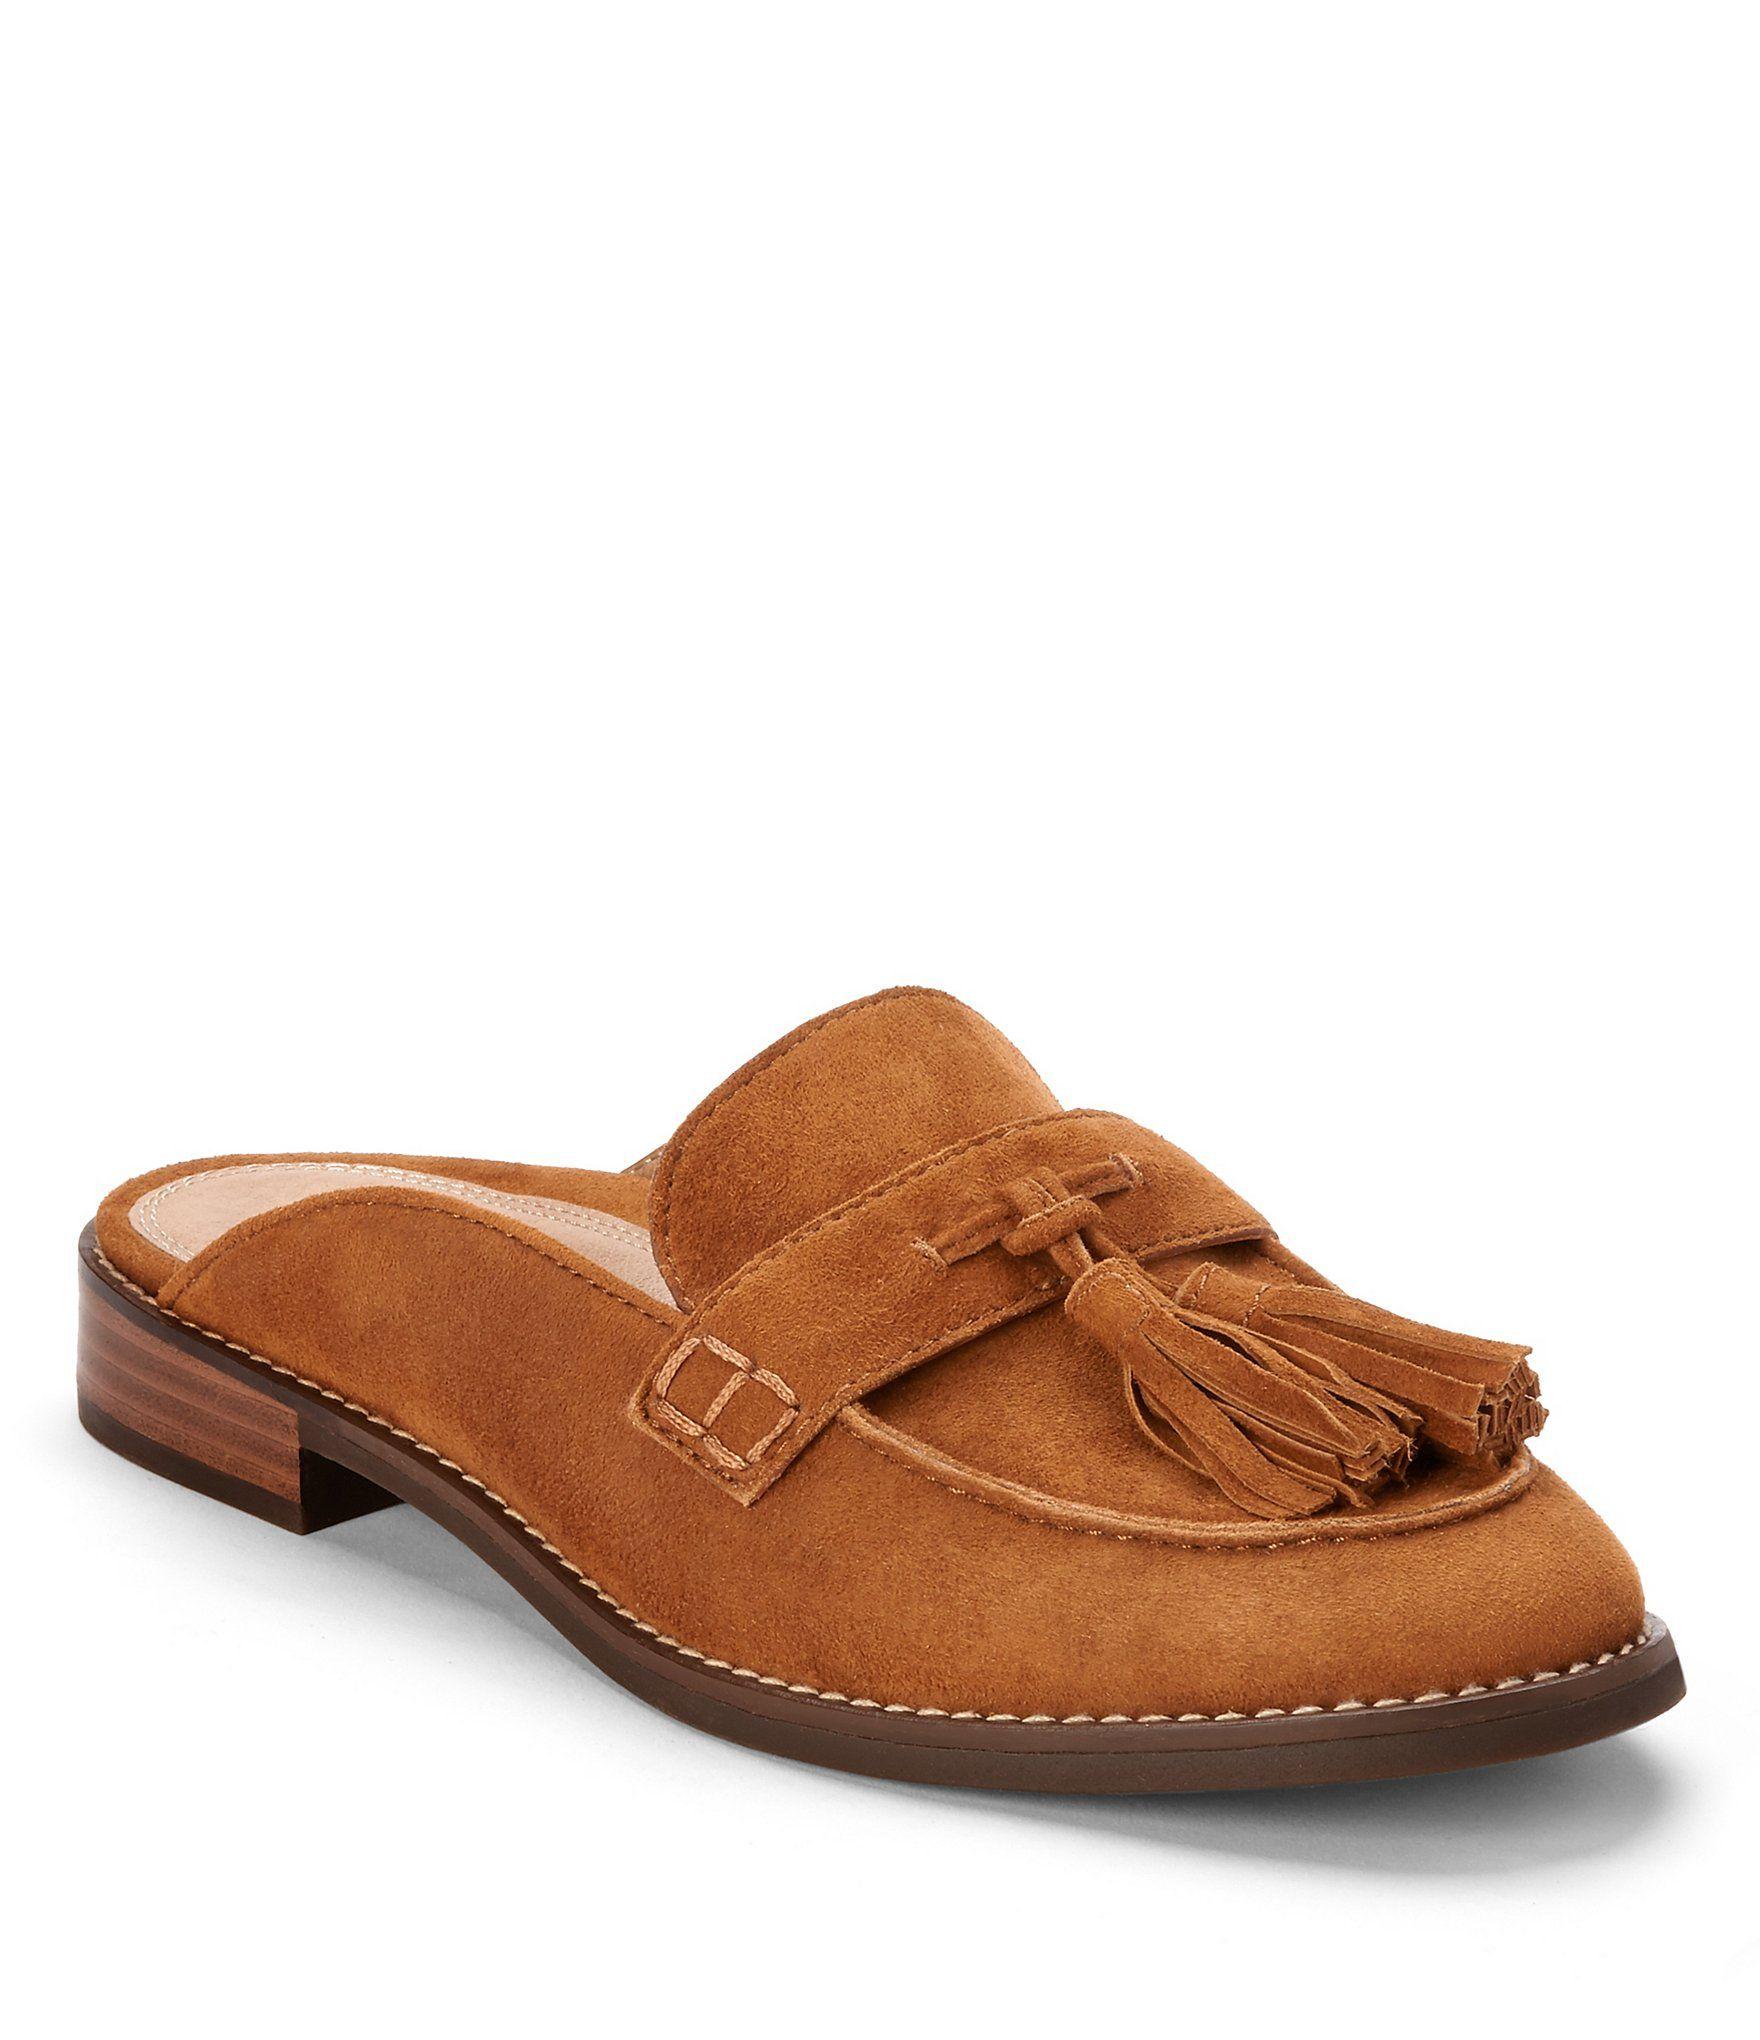 Reagan Patent Leather Tassel Block Heel Mules qmPIE4